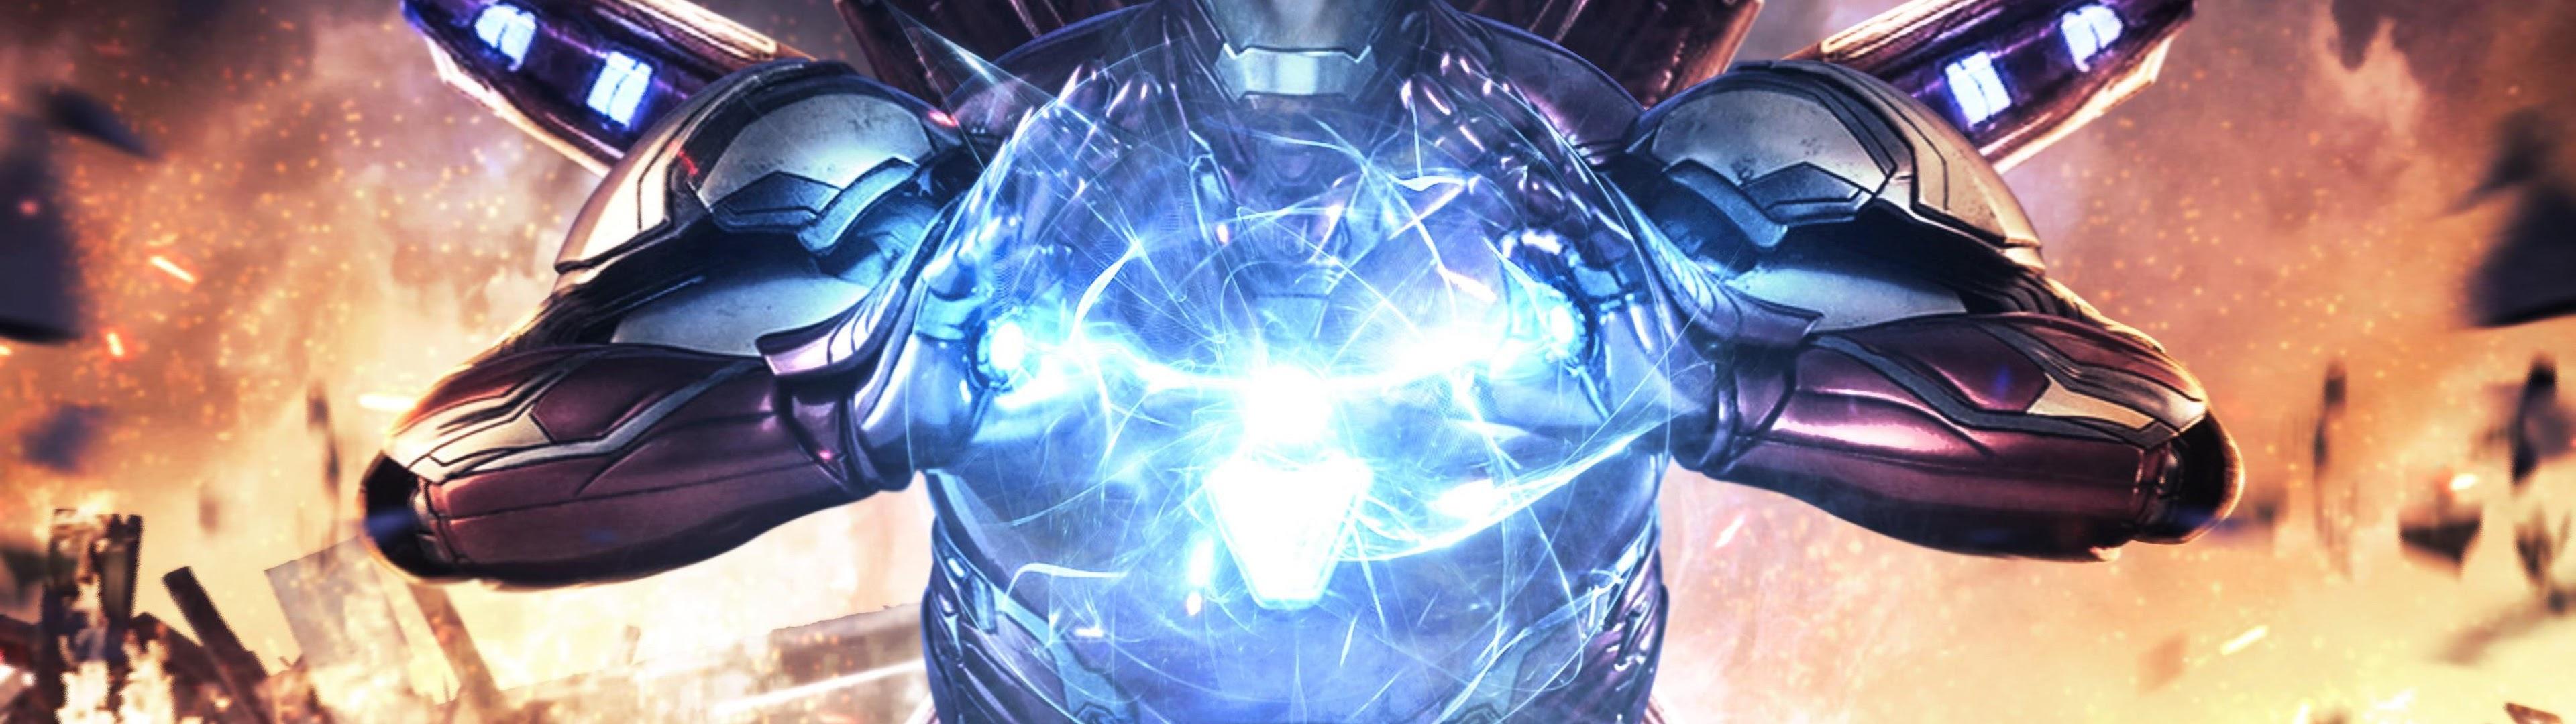 Avengers Endgame Iron Man 4k Wallpaper 120